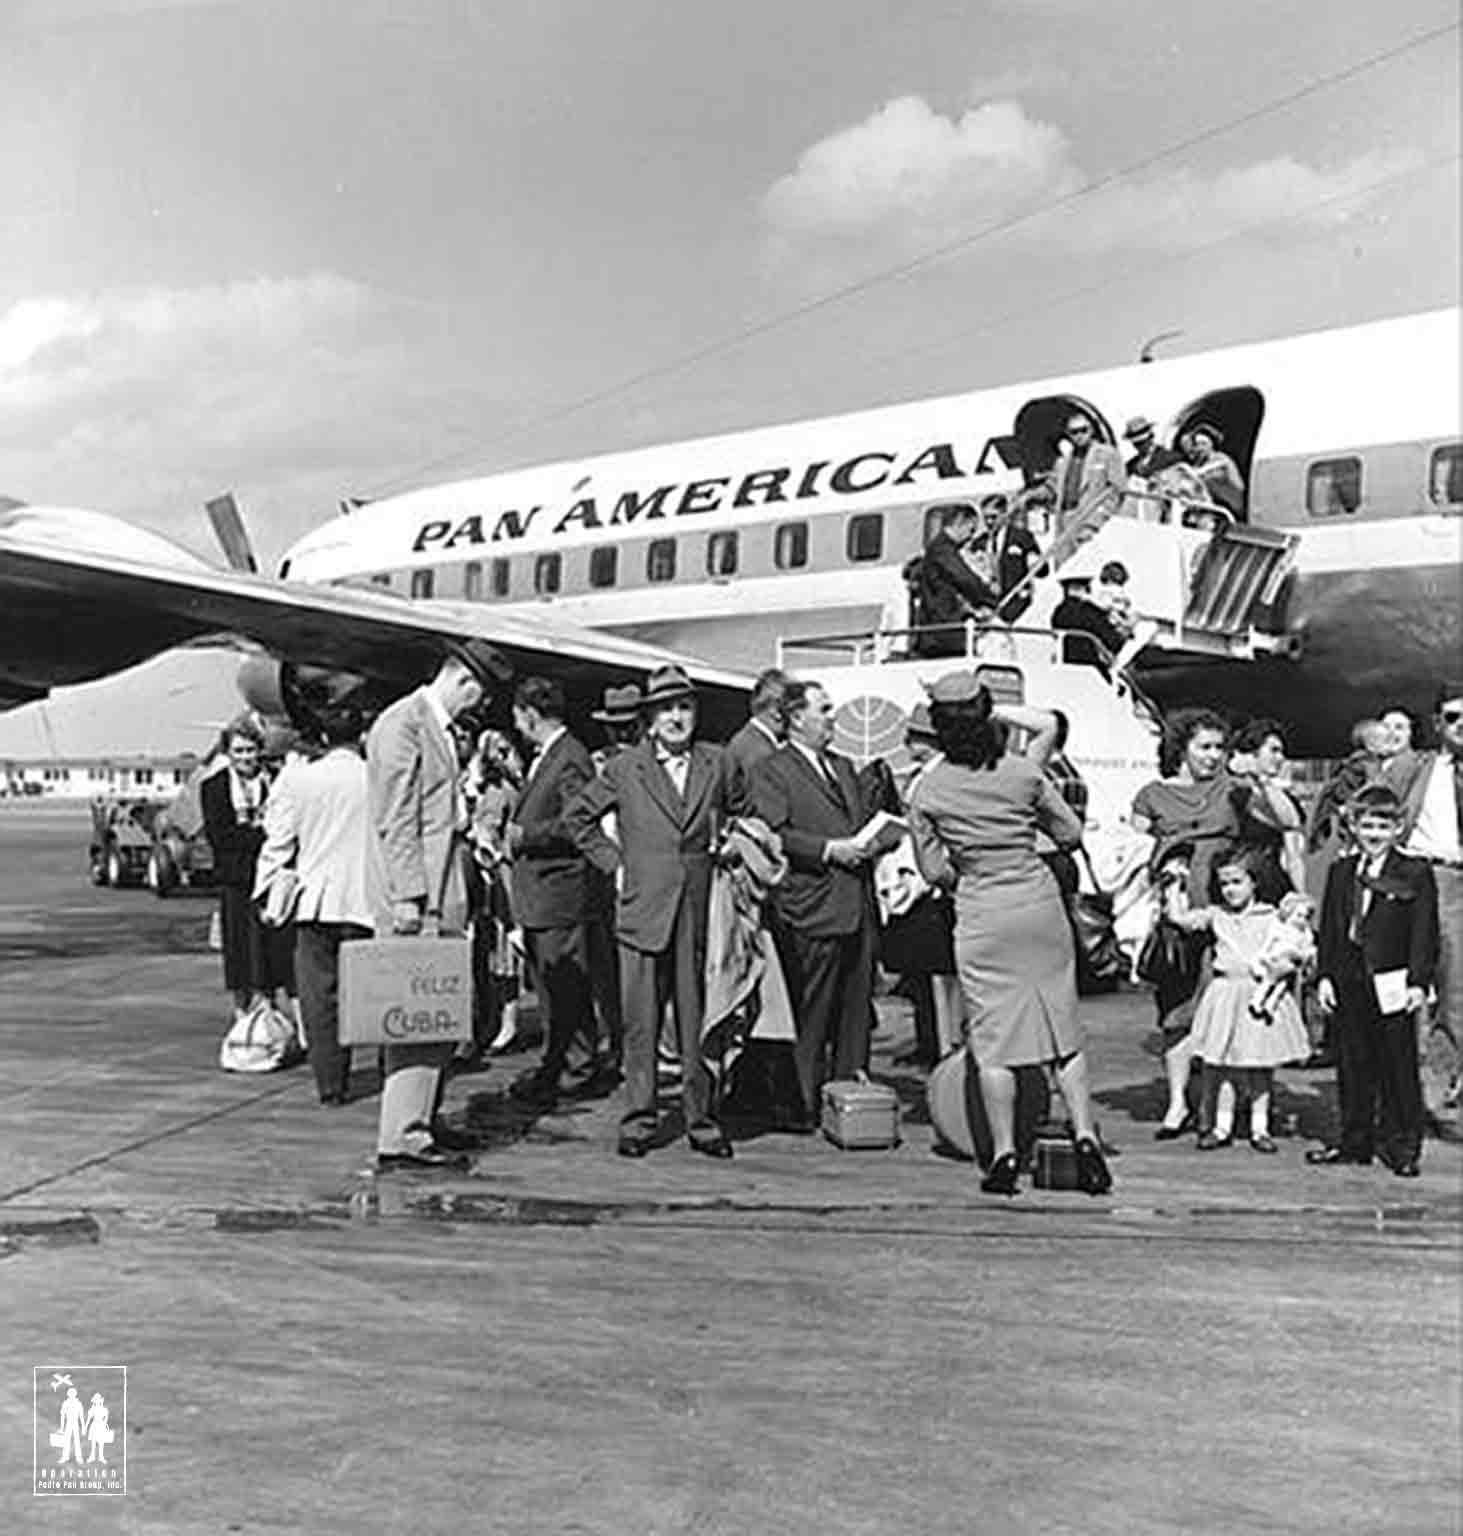 Pan American Arrival